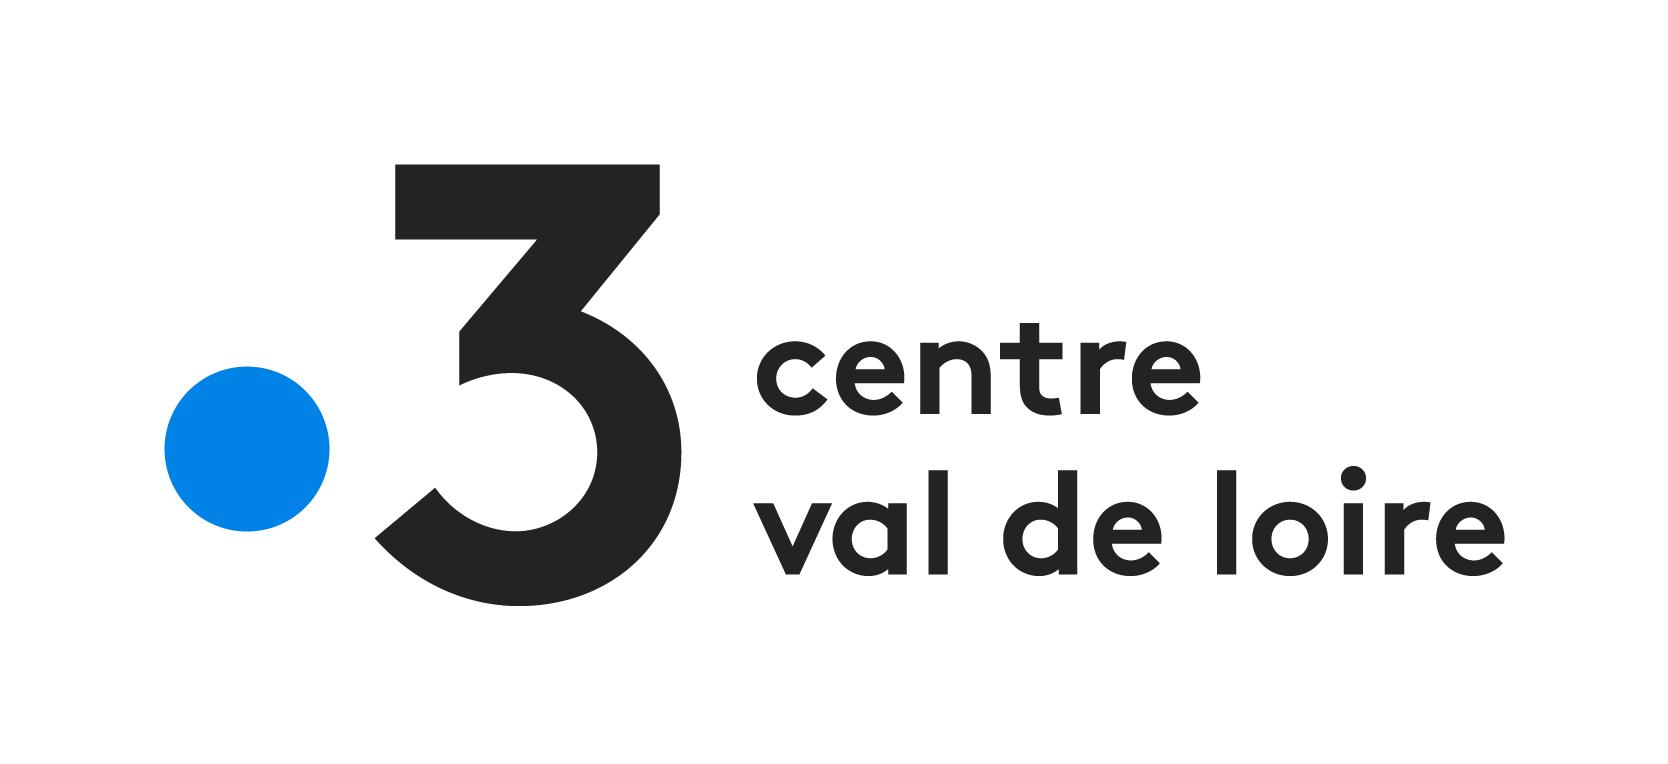 Bannière France 3 CVDL